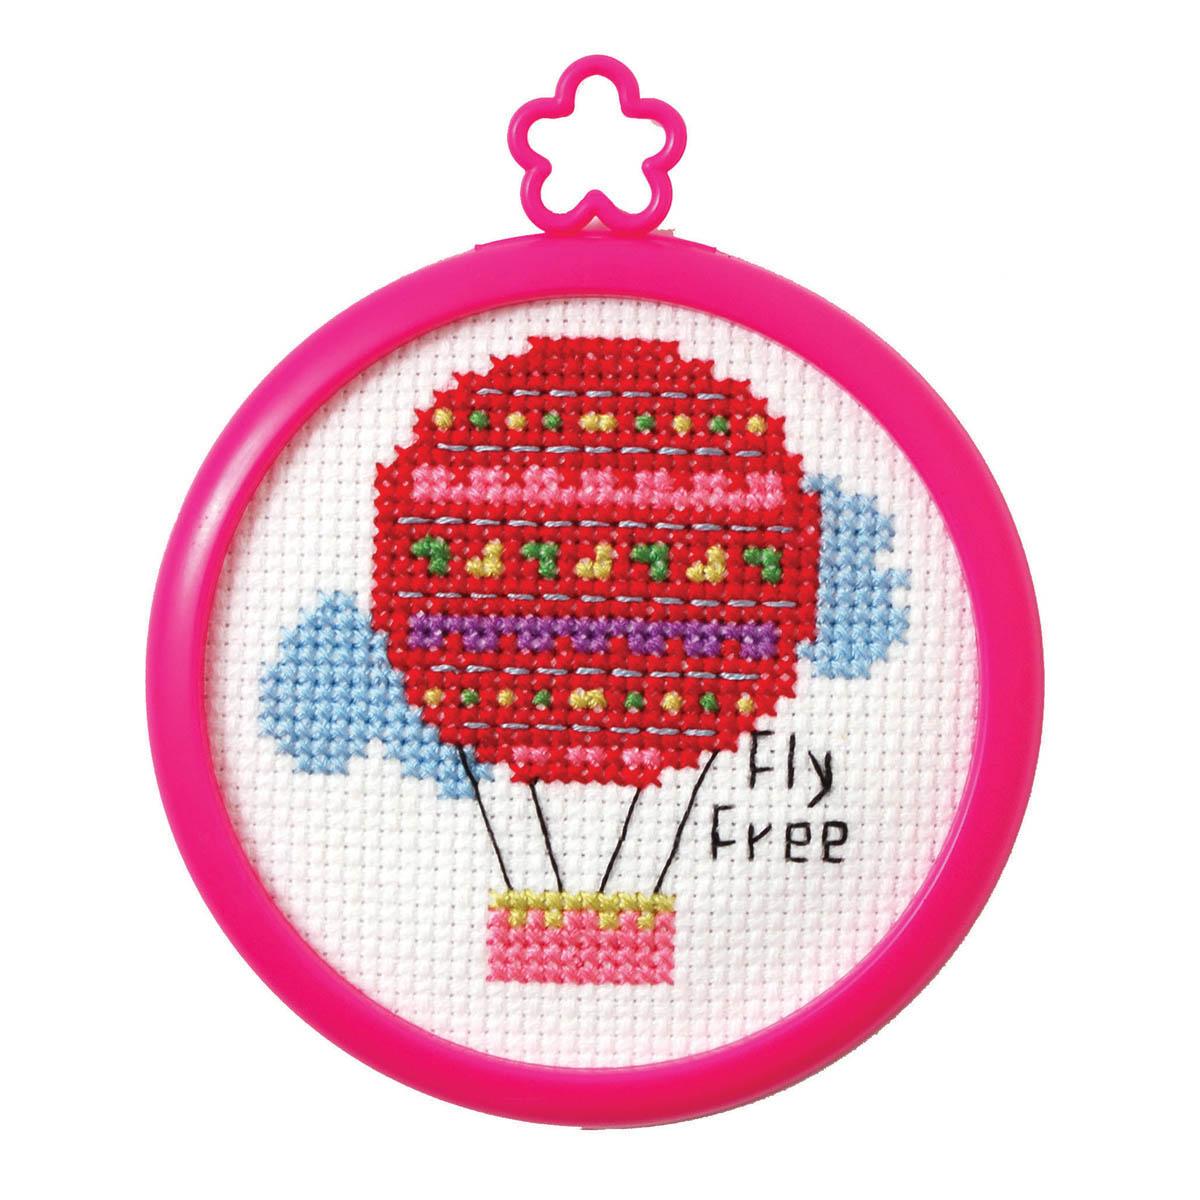 Bucilla ® My 1st Stitch™ - Counted Cross Stitch Kits - Mini - Fly Free - 45760